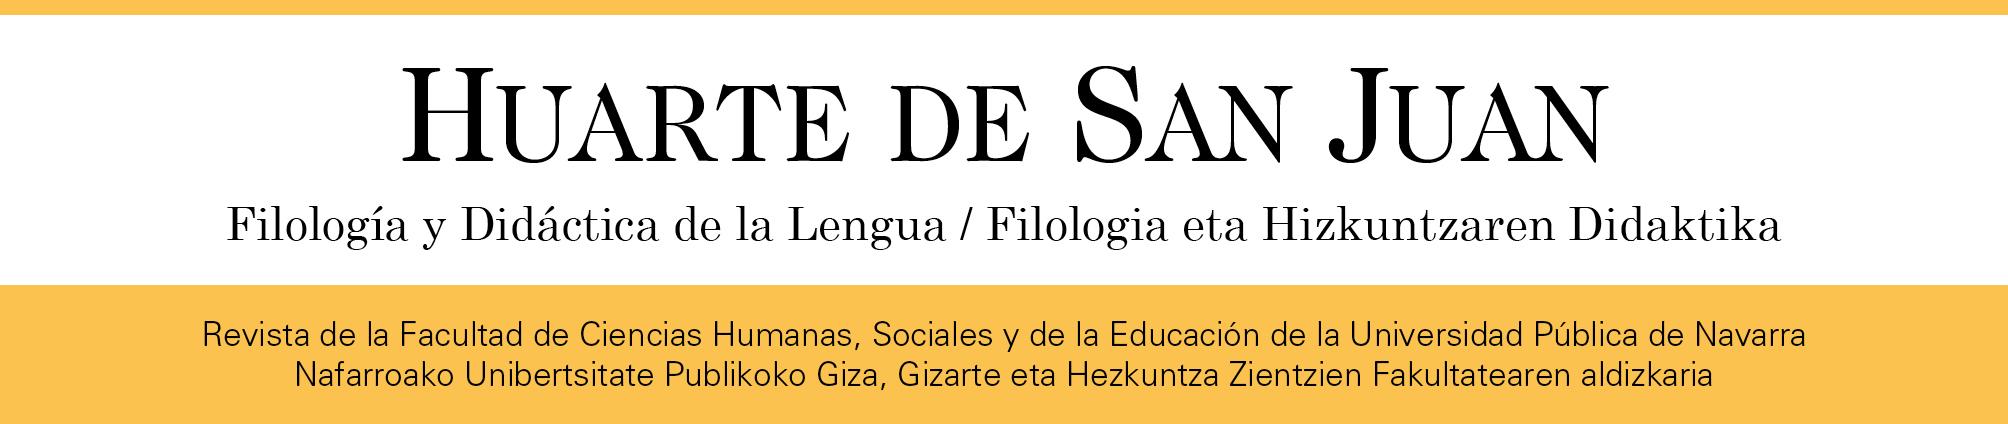 Huarte de San Juan. Filología y Didáctica de la Lengua